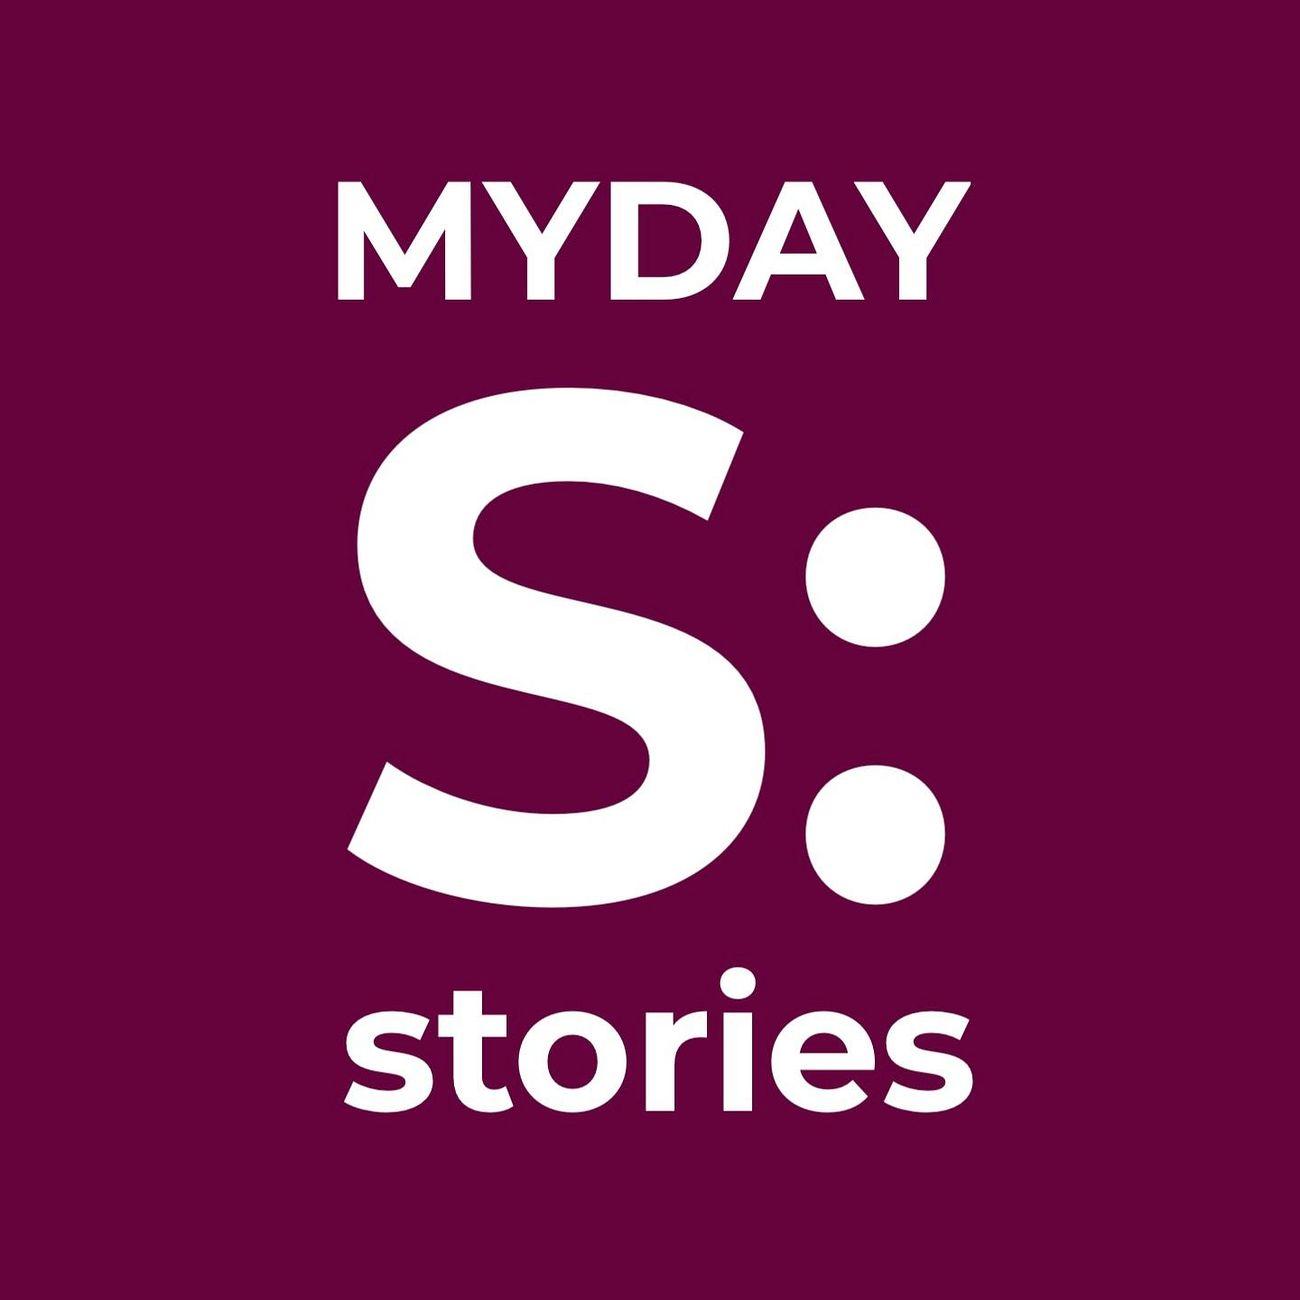 MYDAY STORIES